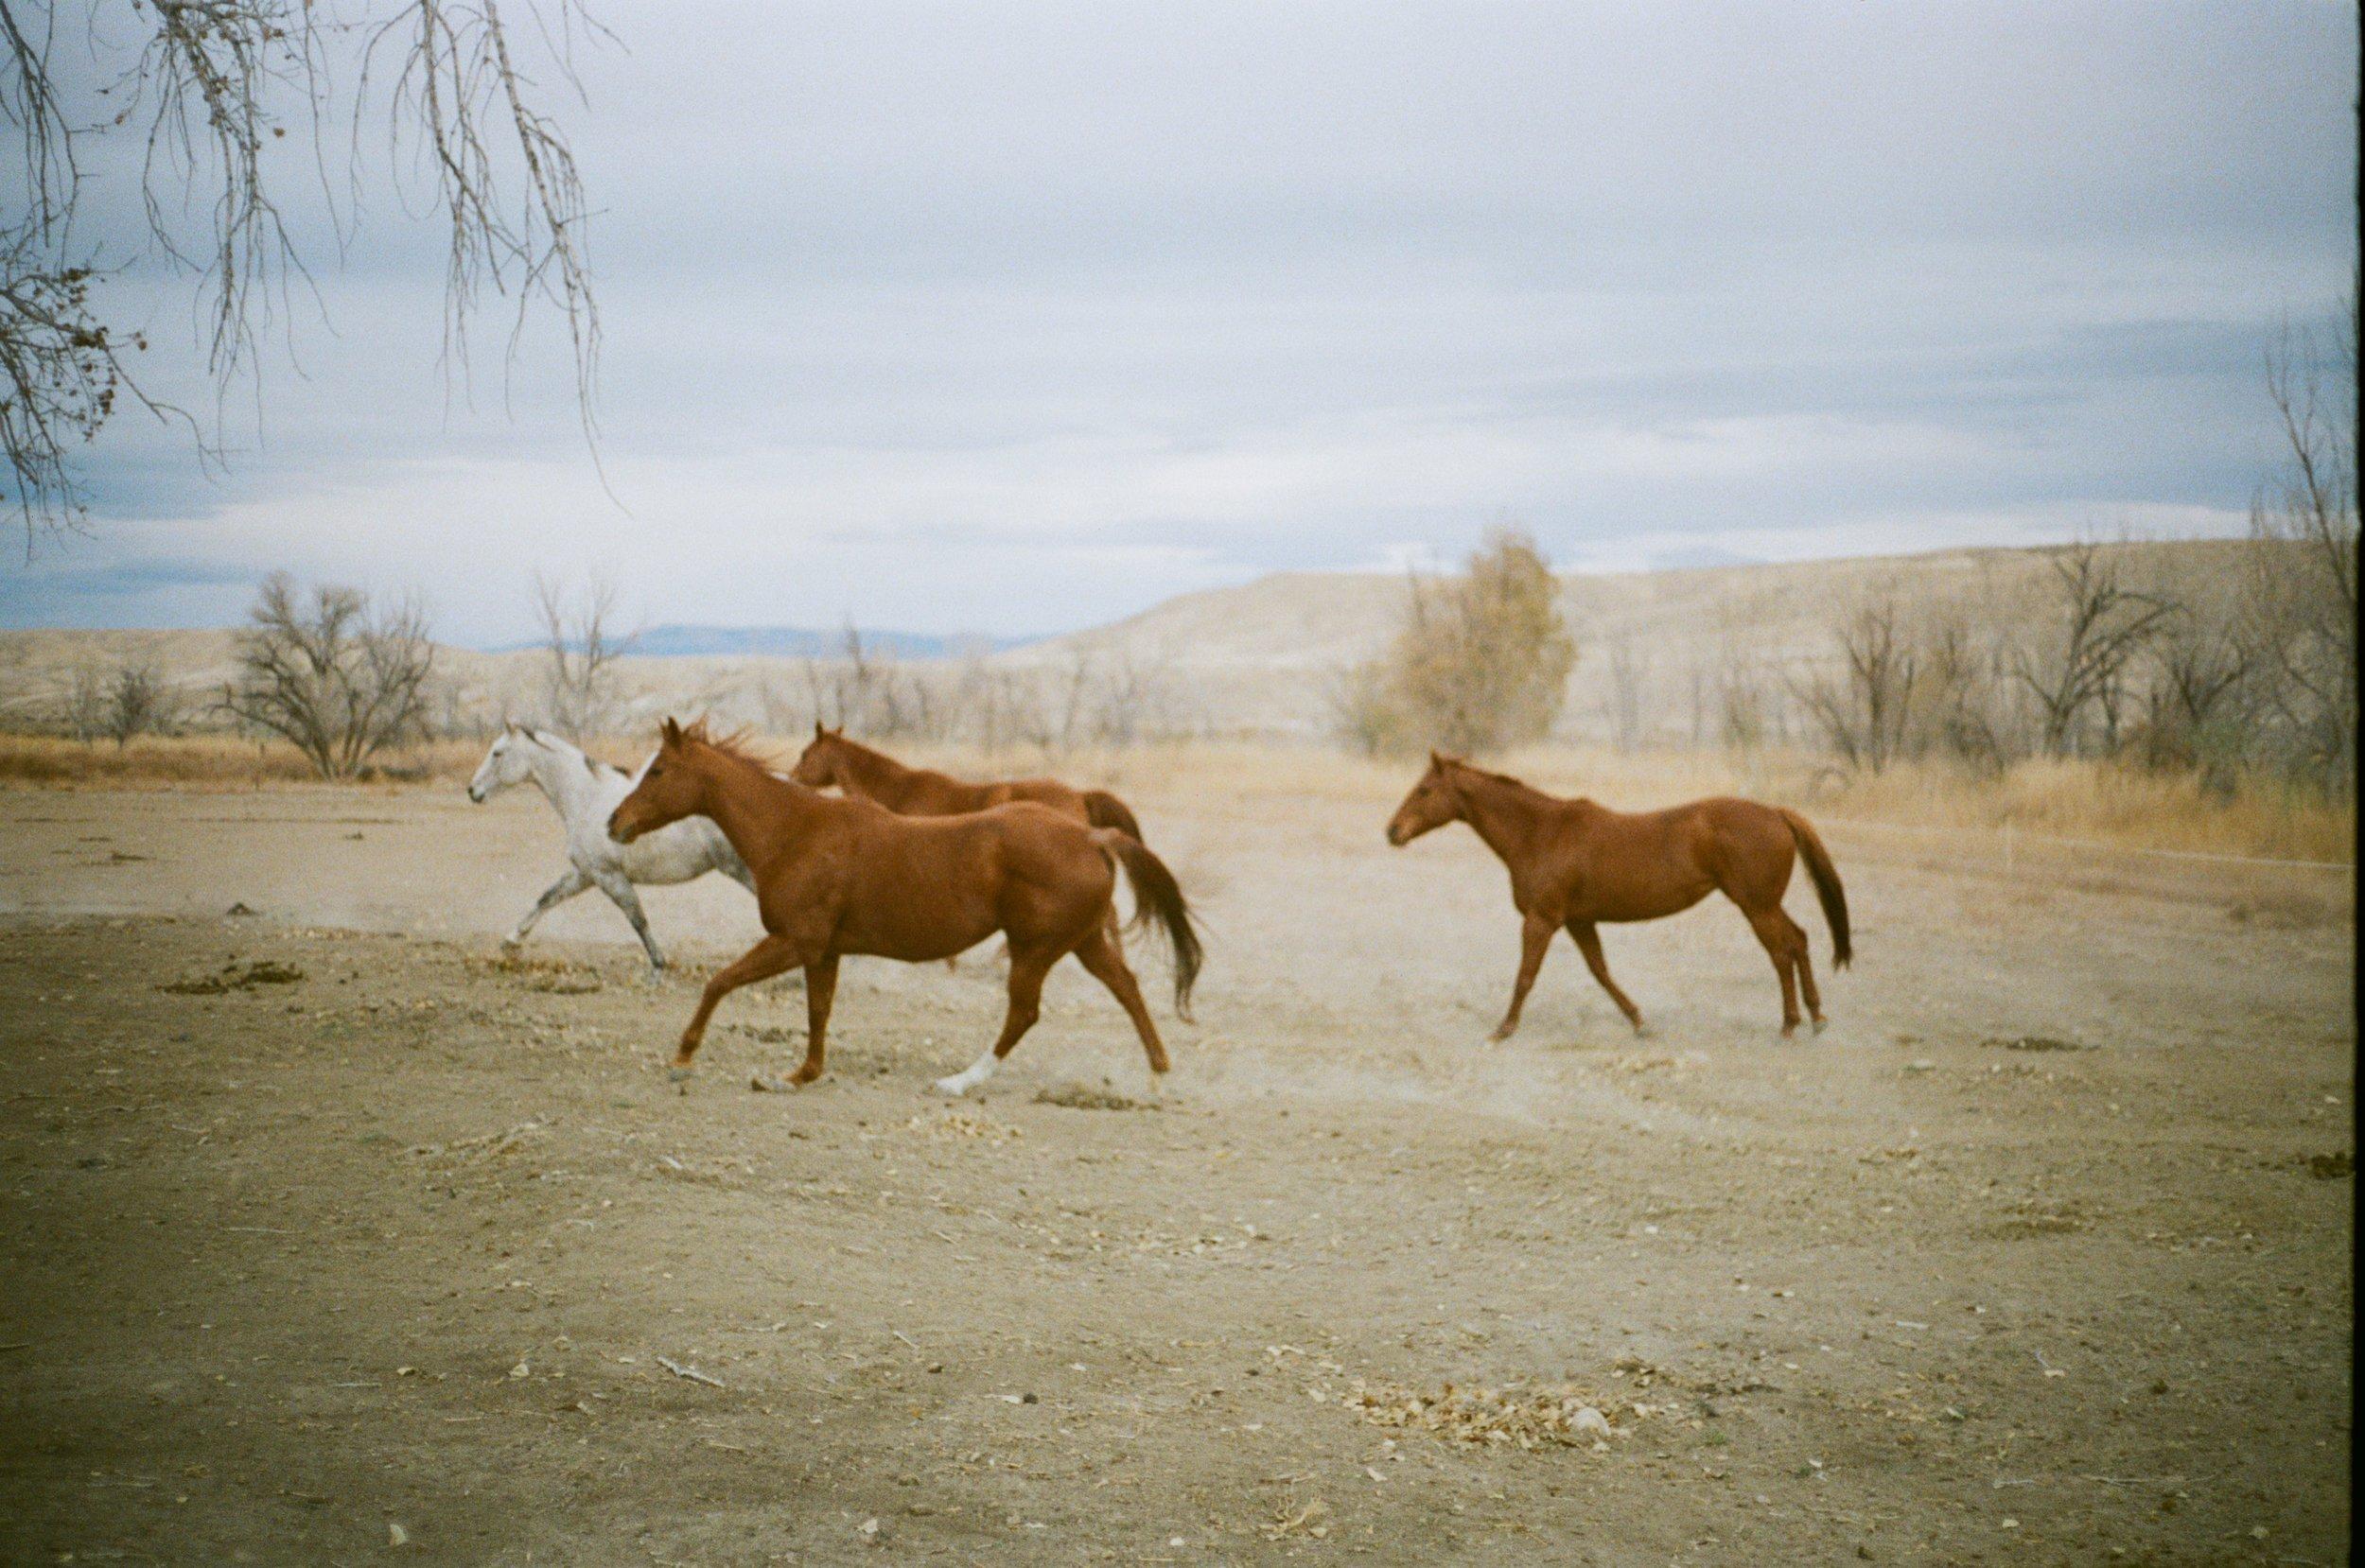 horses running up close.jpg